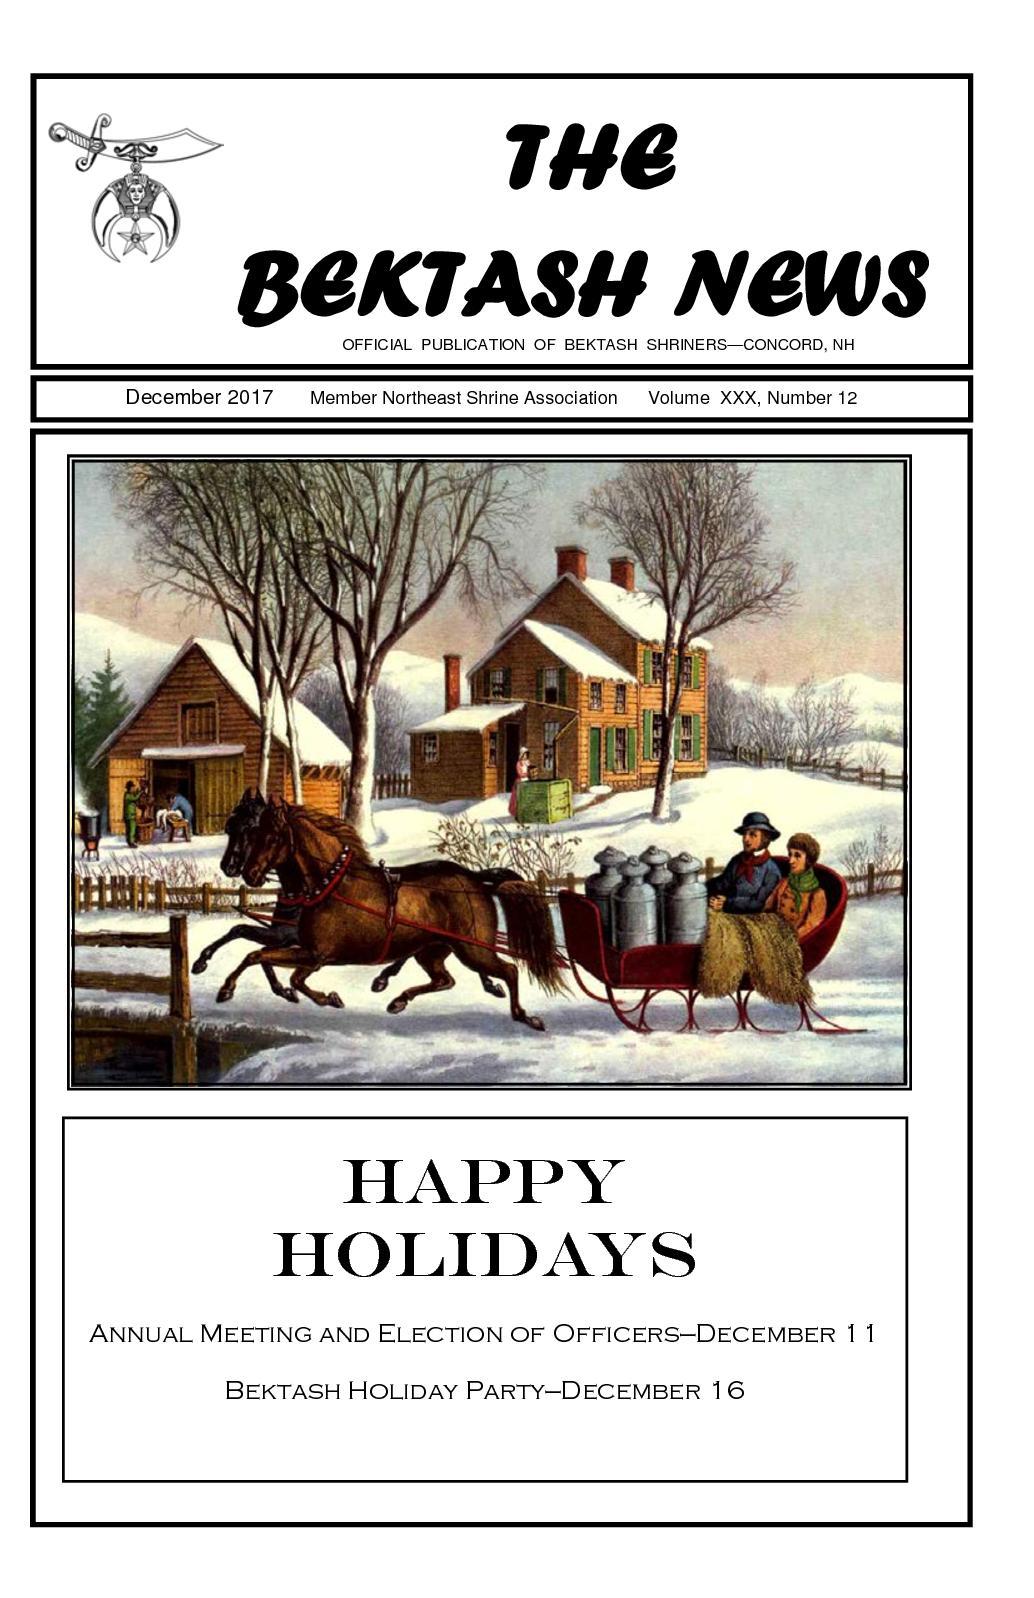 Calaméo - Bektash News - December 2017